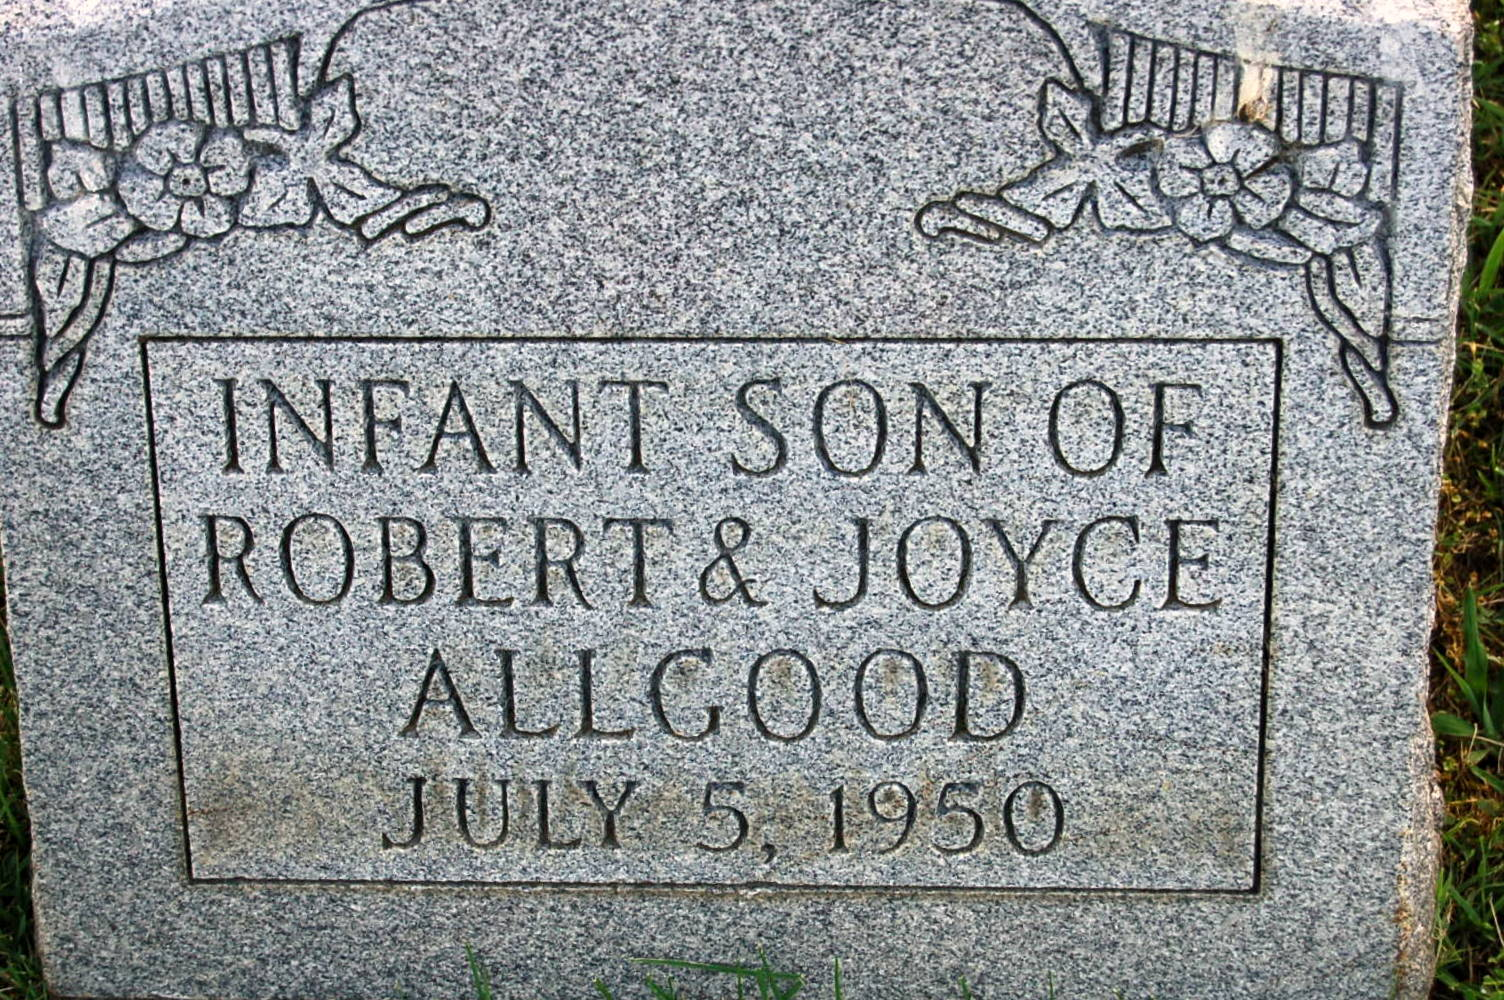 Robert Elmer Allgood, Jr